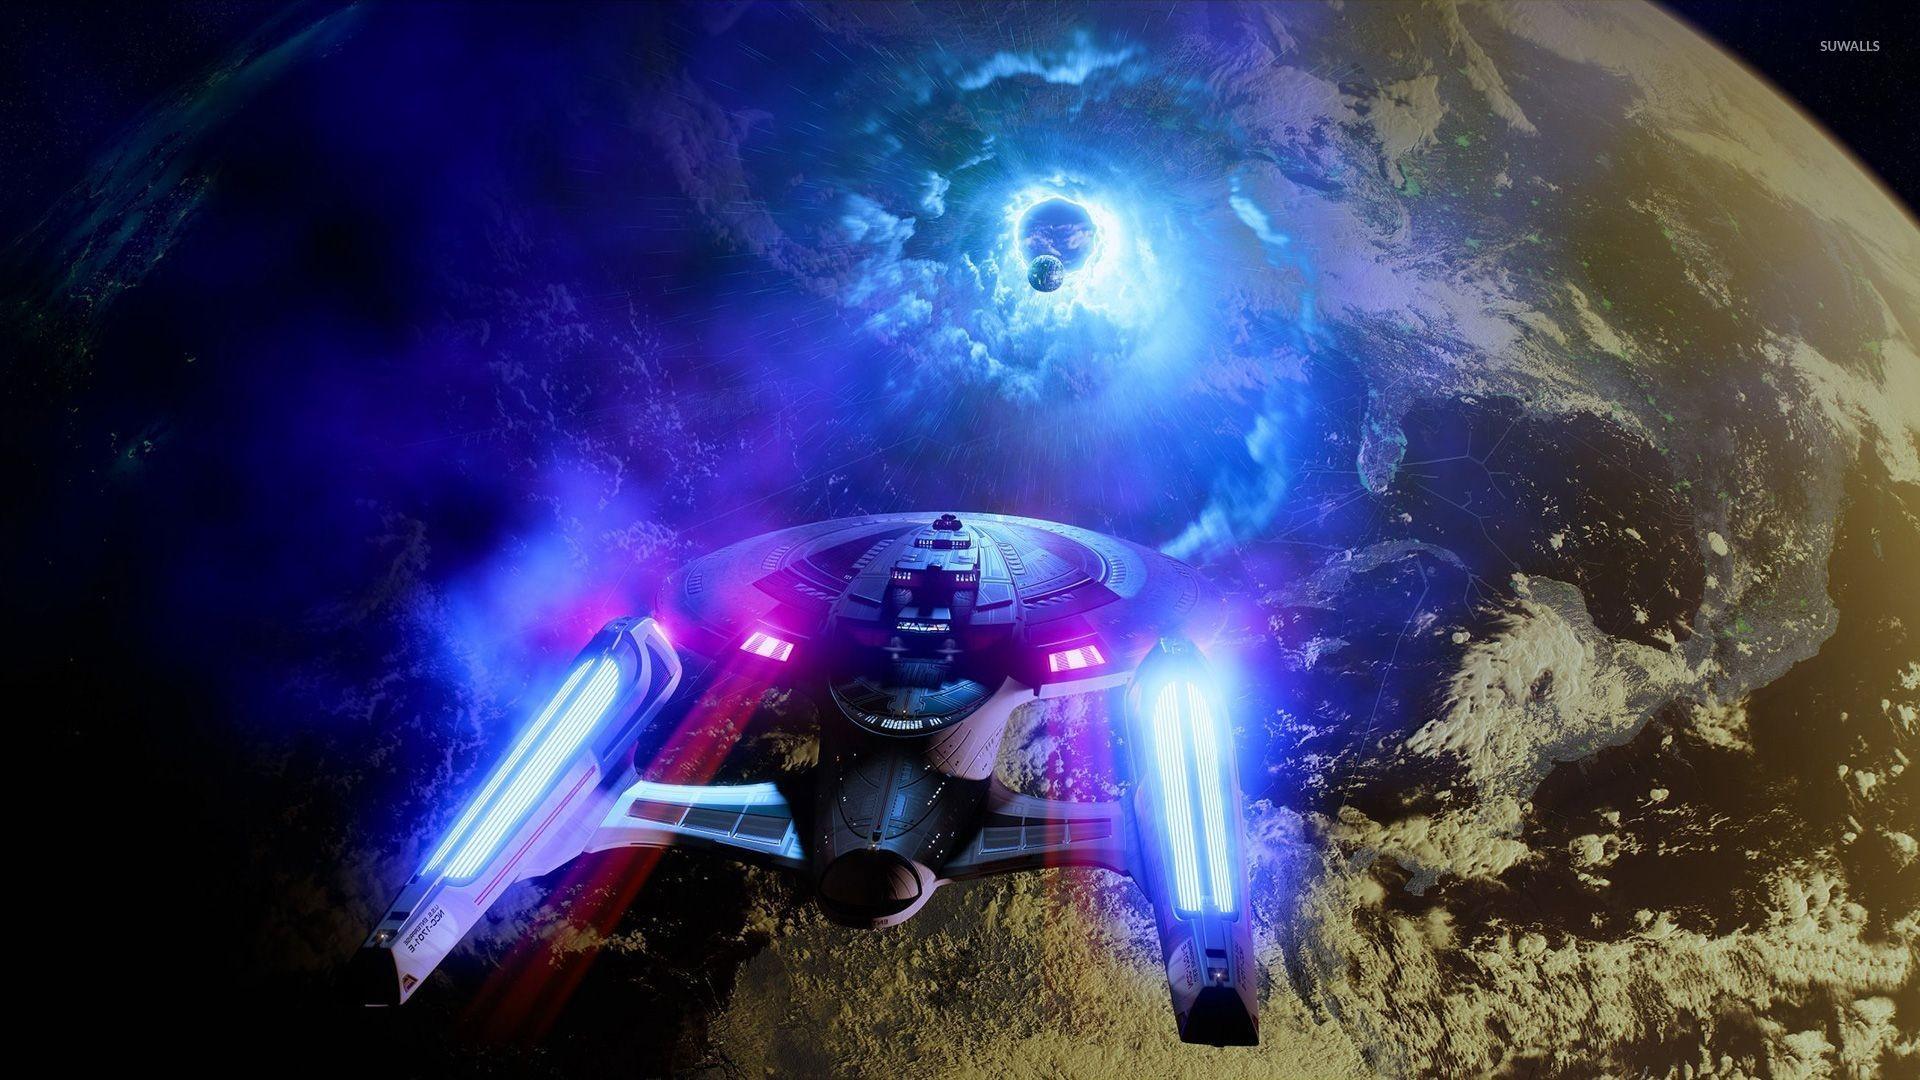 Star Trek spaceship. 1K. Starship Enterprise at warp wallpaper jpg